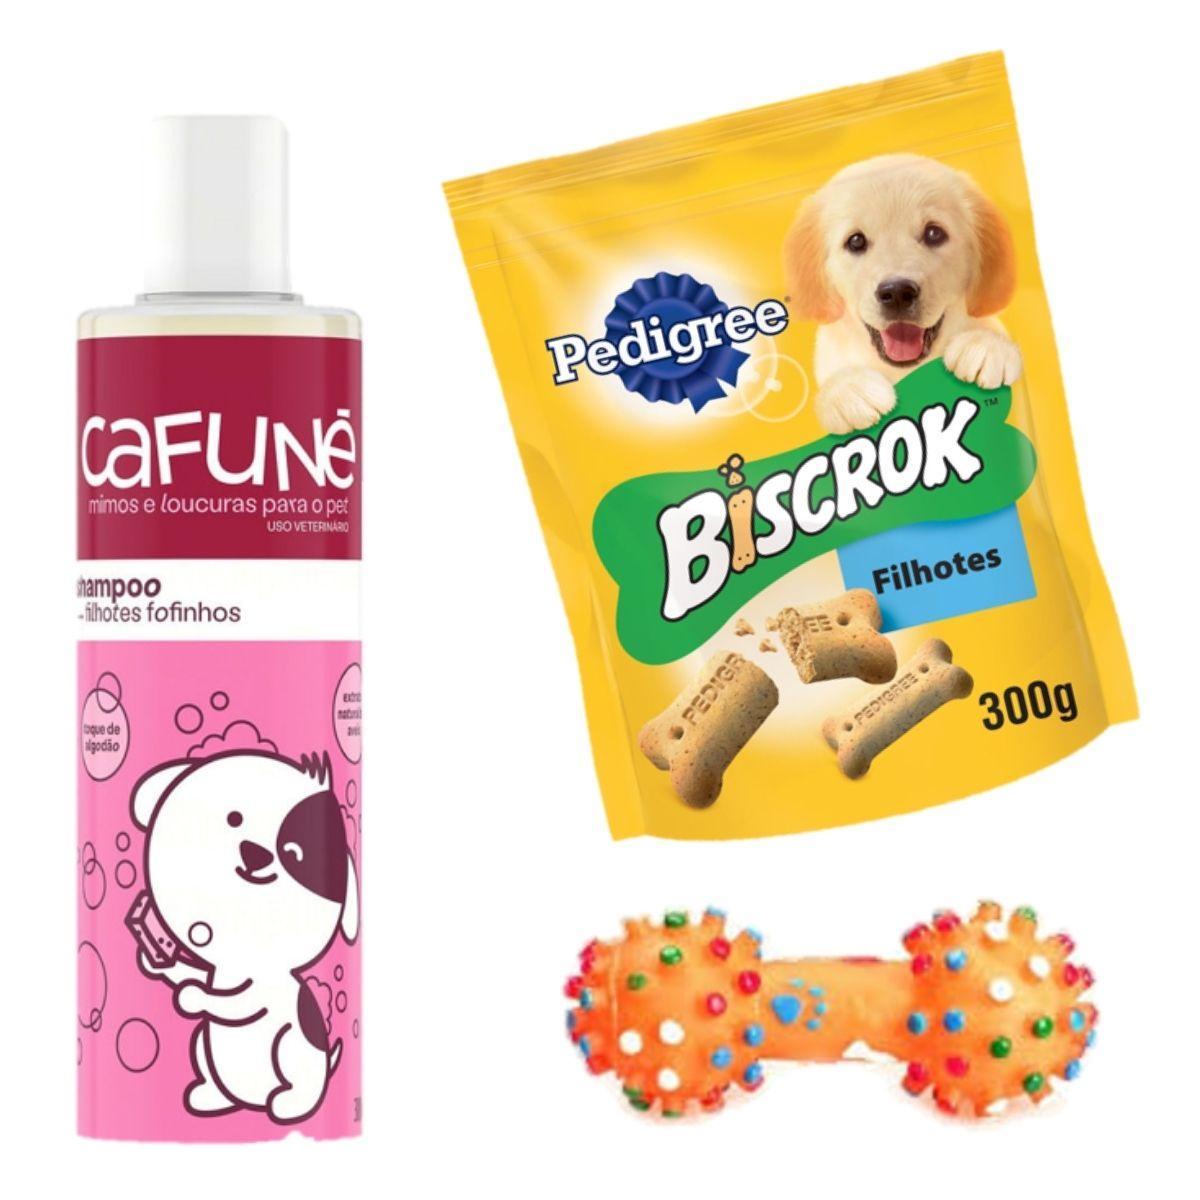 kit com shampoo Cafune filhotes + biscrok júnior + brinquedo alteres mine